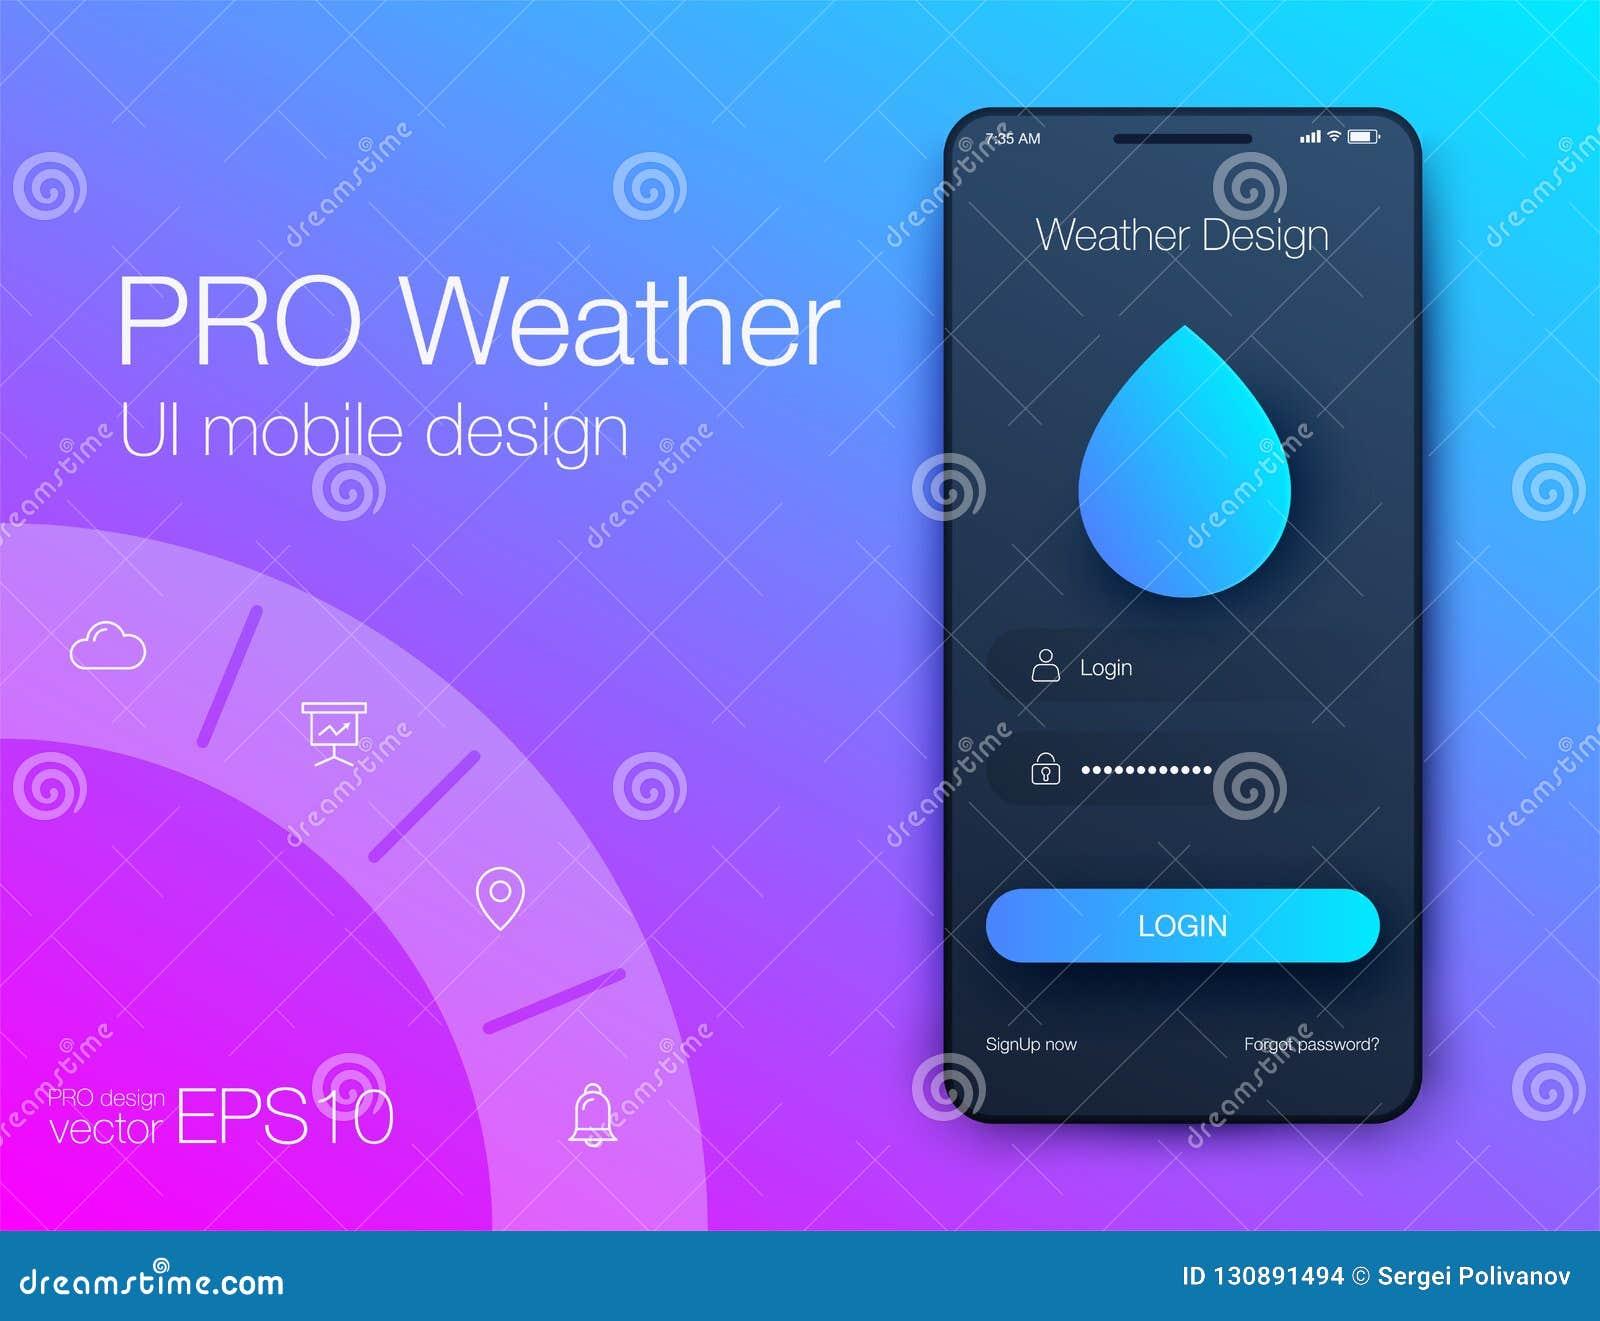 天气预报应用程序UxUi储蓄设计绘制媒介Android显示渲染传染图片